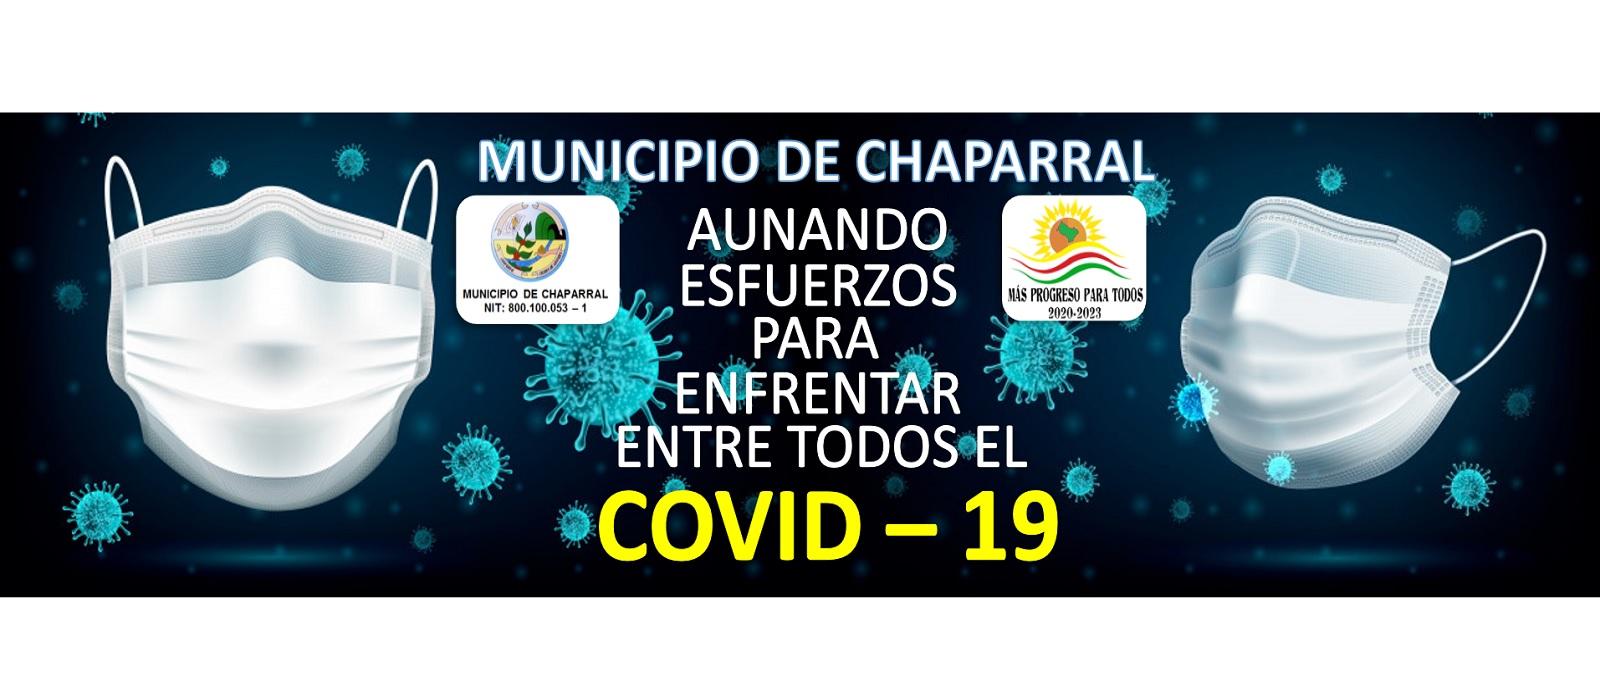 Todos contra el Coronavirus COVID-19